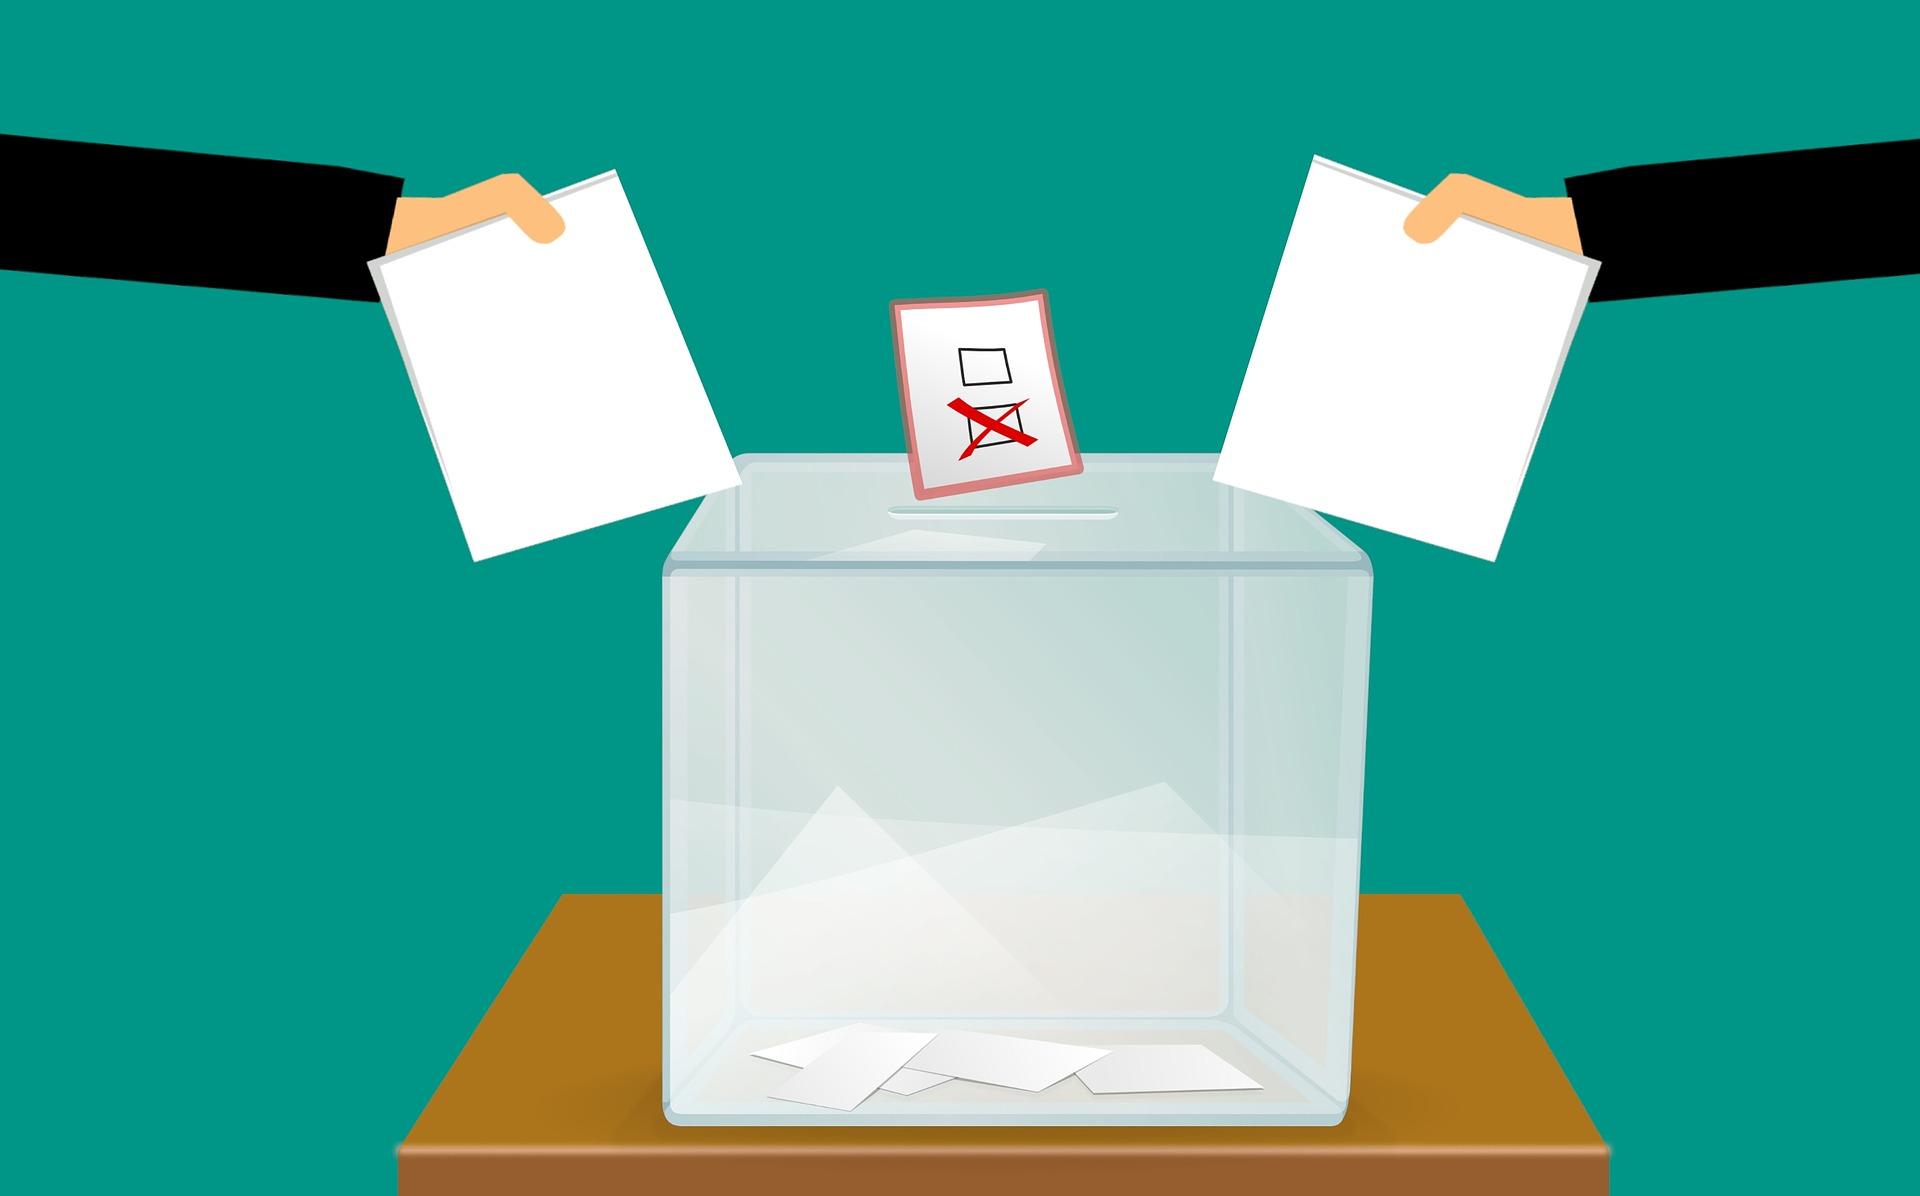 Grafik zur Kommunalwahl 2021, Einwurf von Wahlunterlagen in die Wahlurne